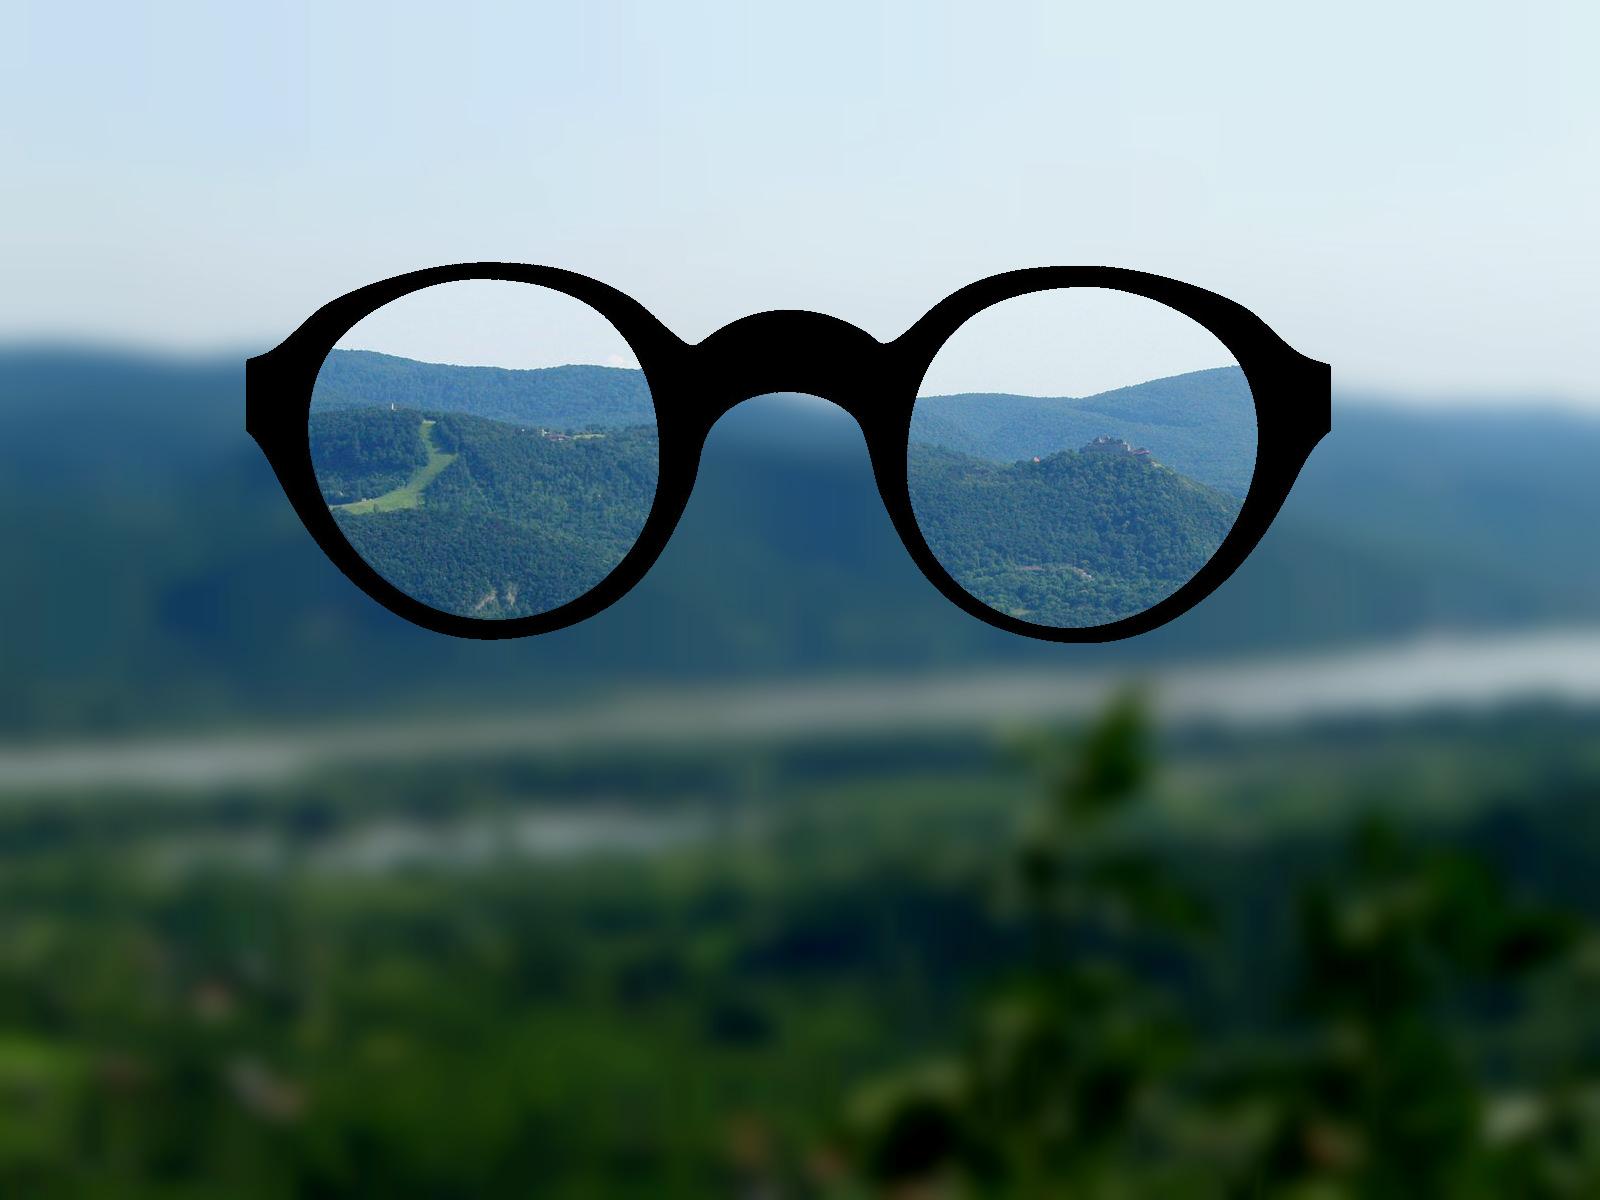 A Dunakanyar más szemüvegen át - Fotó: Aradi Szilveszer/Kisduna